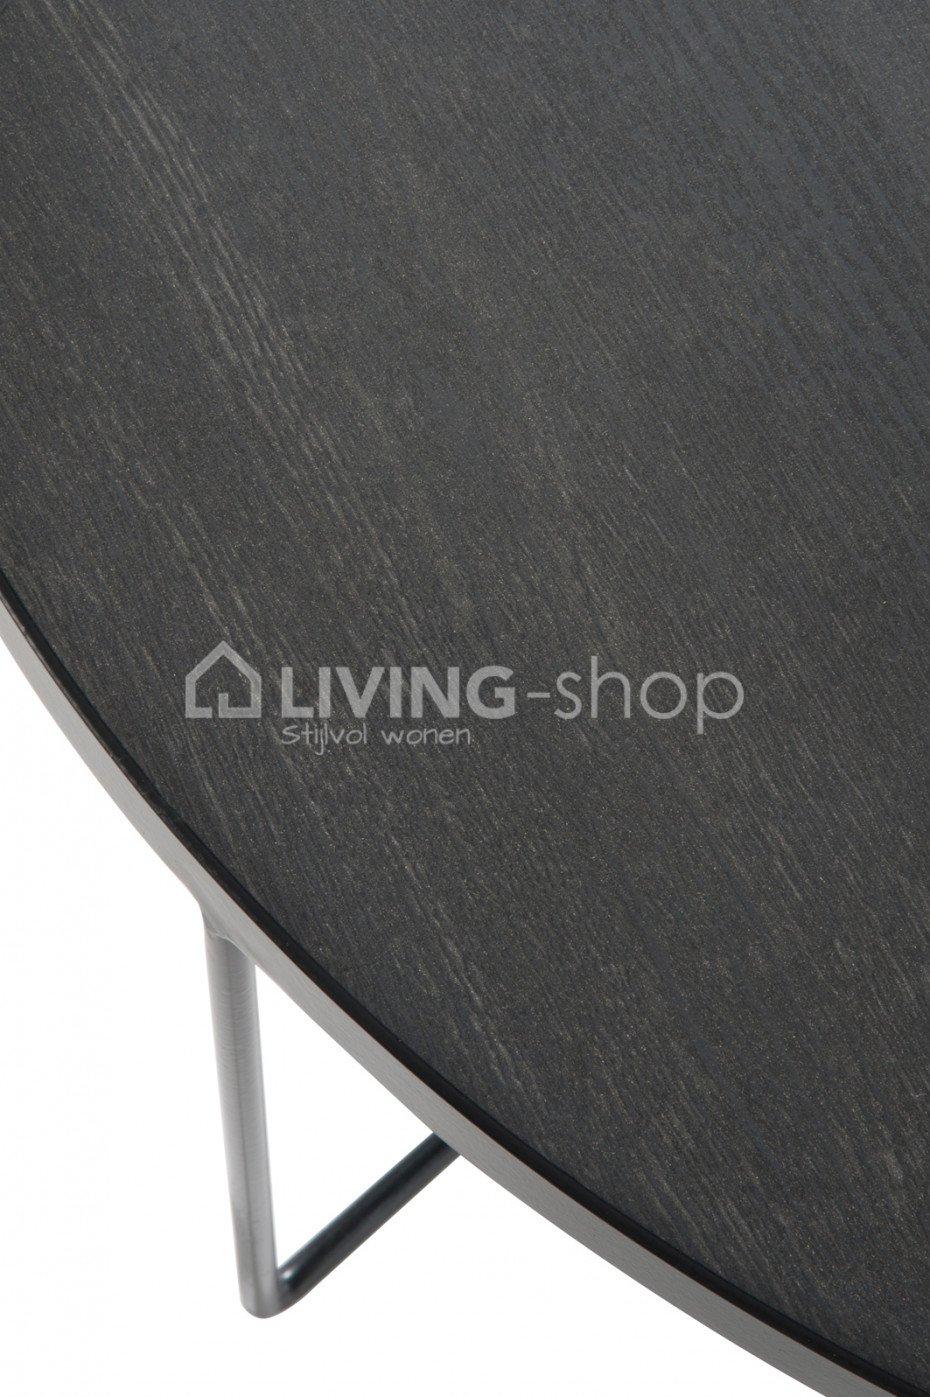 de j line salontafel retro hout metaal zwart j line kopen living j line webshop. Black Bedroom Furniture Sets. Home Design Ideas